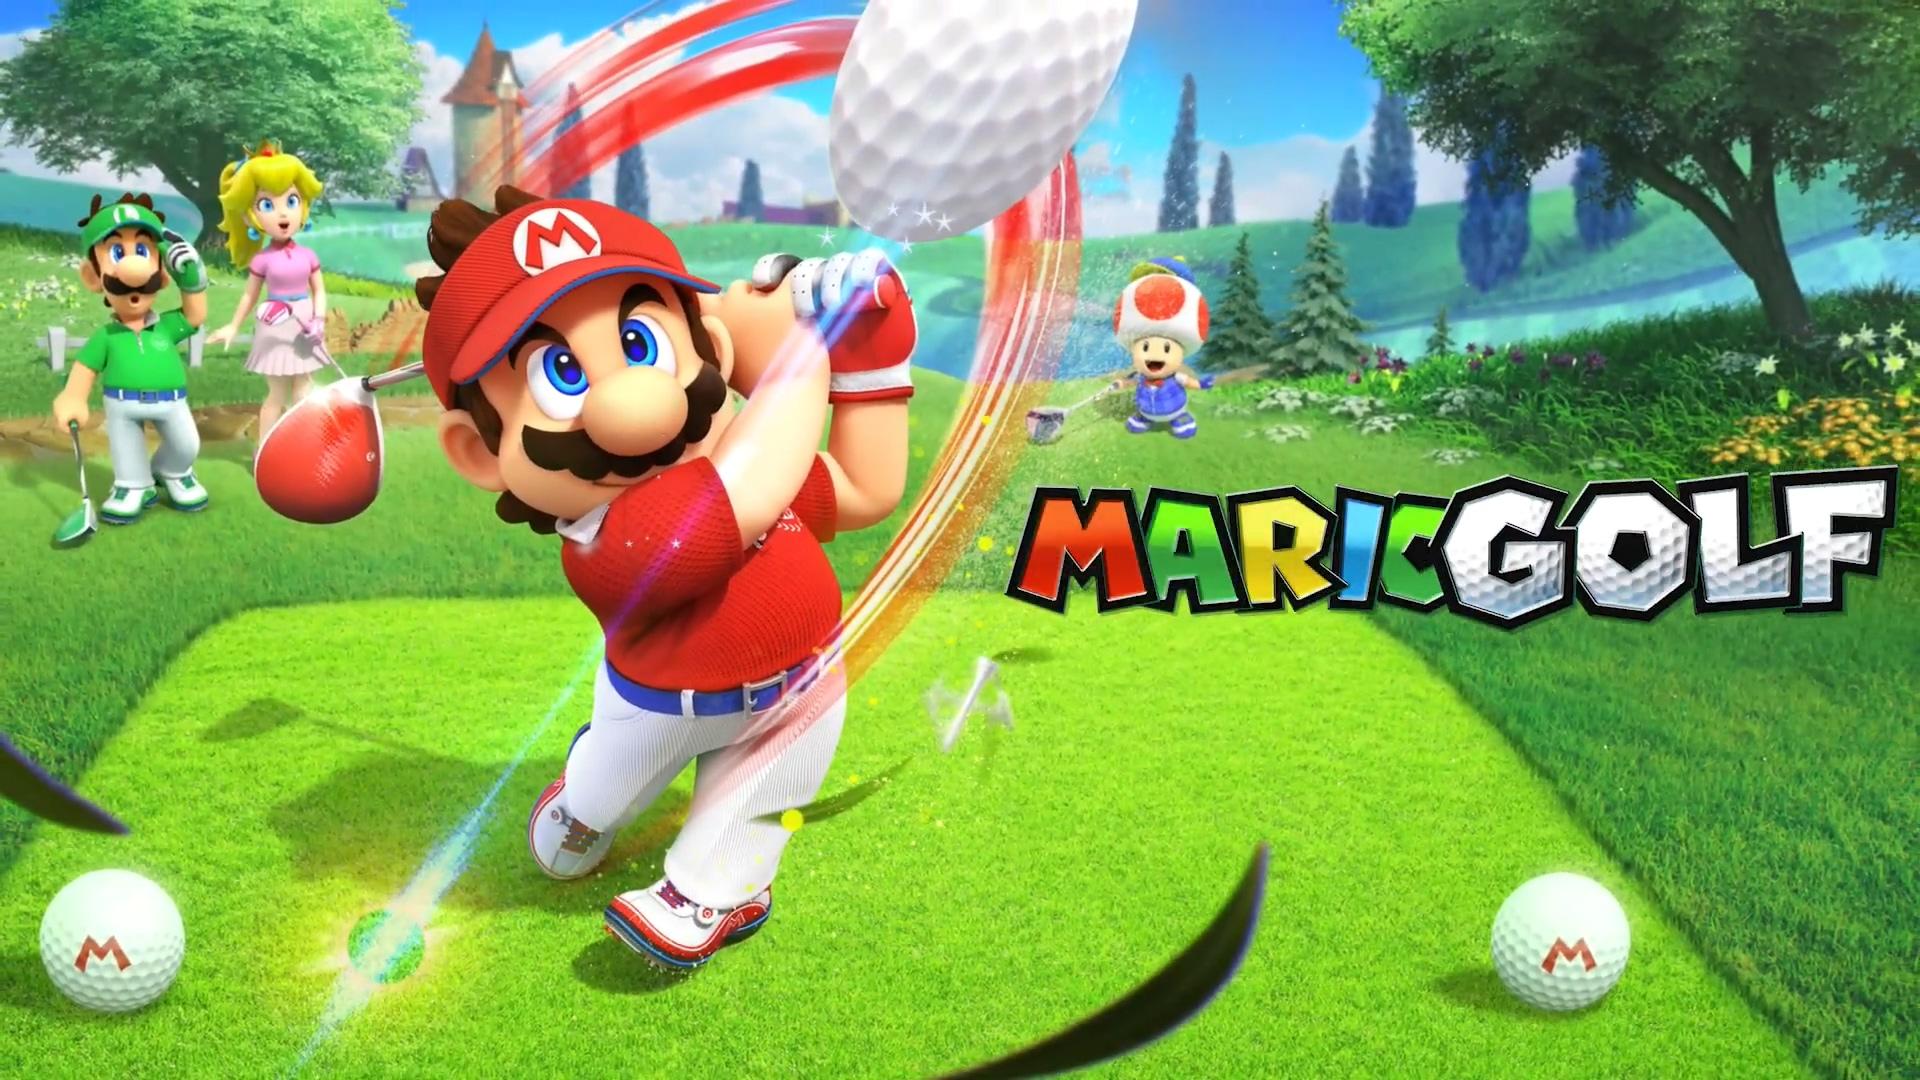 史上最闹高尔夫 《马里奥高尔夫:超级冲刺》新预告